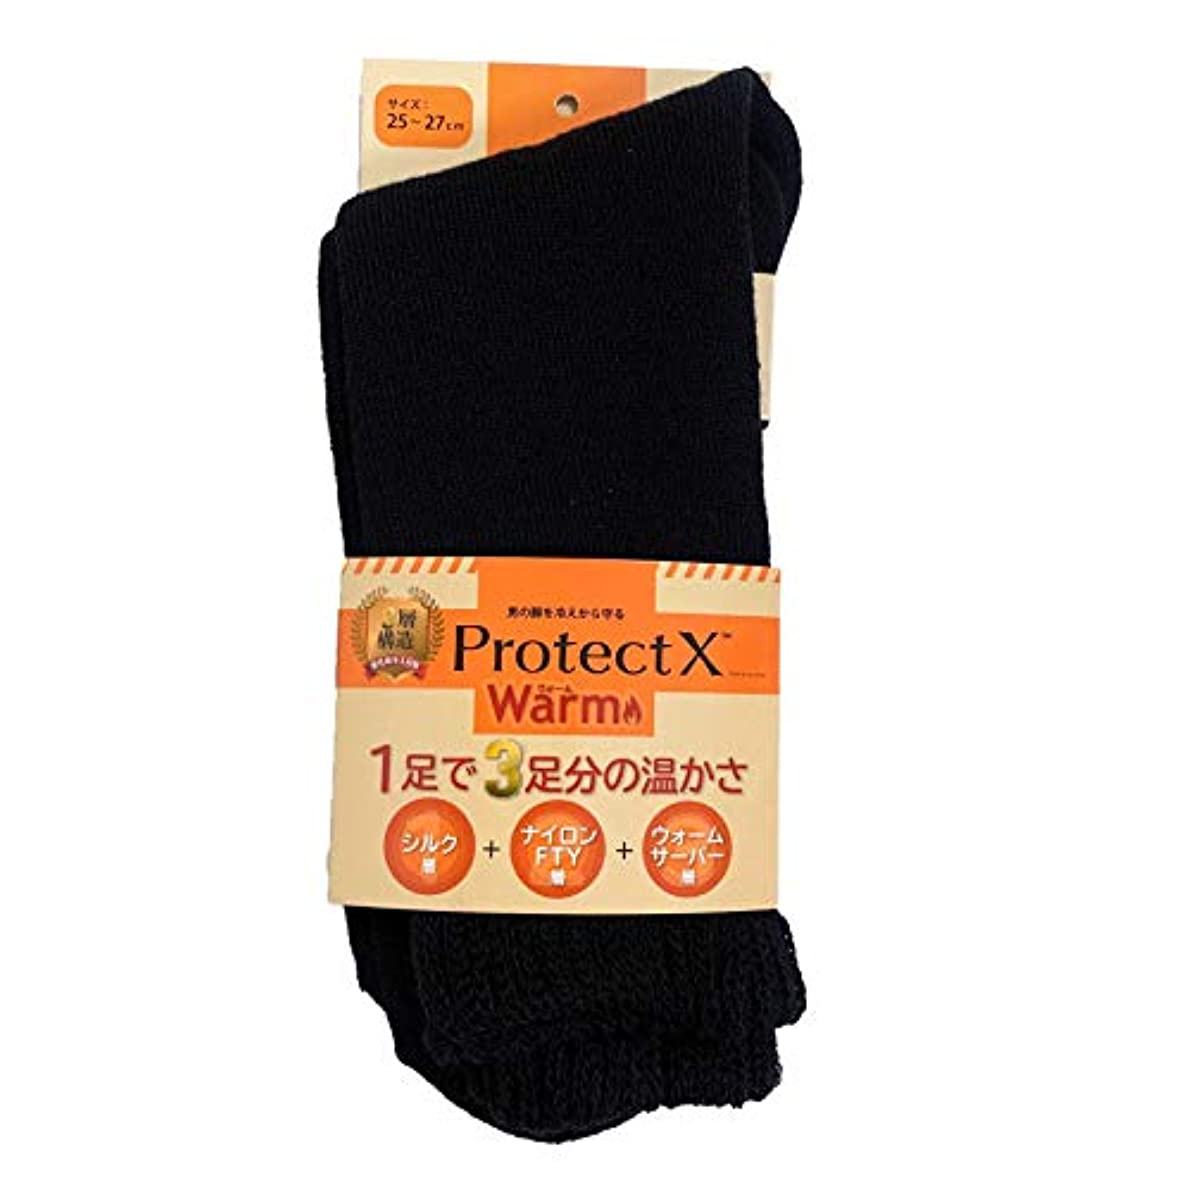 一致コンパスきしむ冷え性対策 履き口柔らか 男性用冷え対策 シルク100%(内側) 3層構造 防寒ソックス 25-27cm ブラック